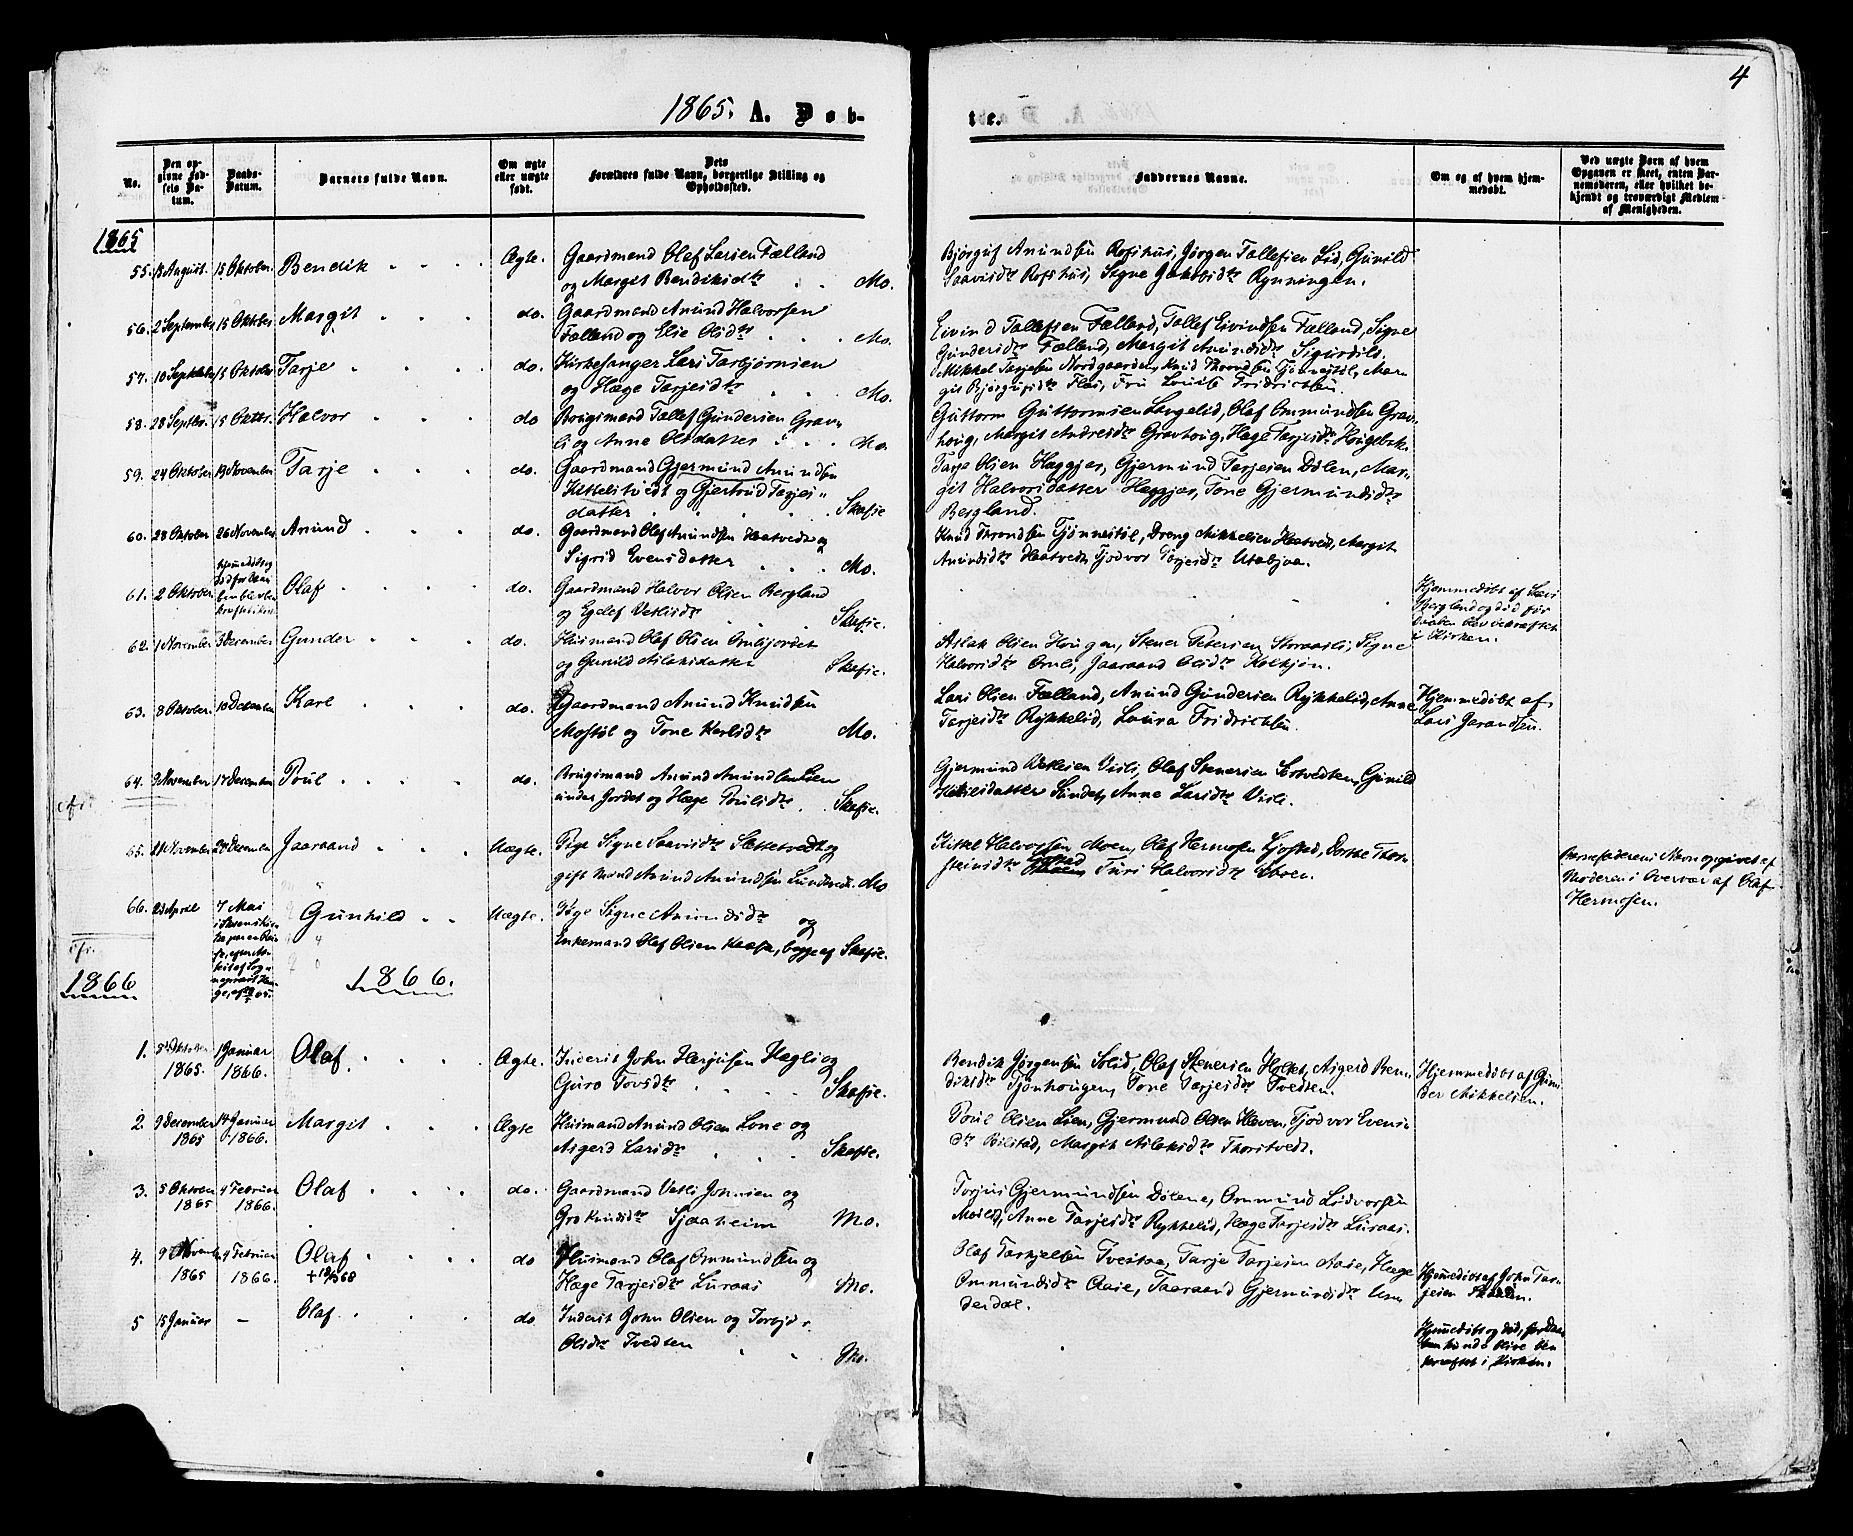 SAKO, Mo kirkebøker, F/Fa/L0006: Ministerialbok nr. I 6, 1865-1885, s. 4